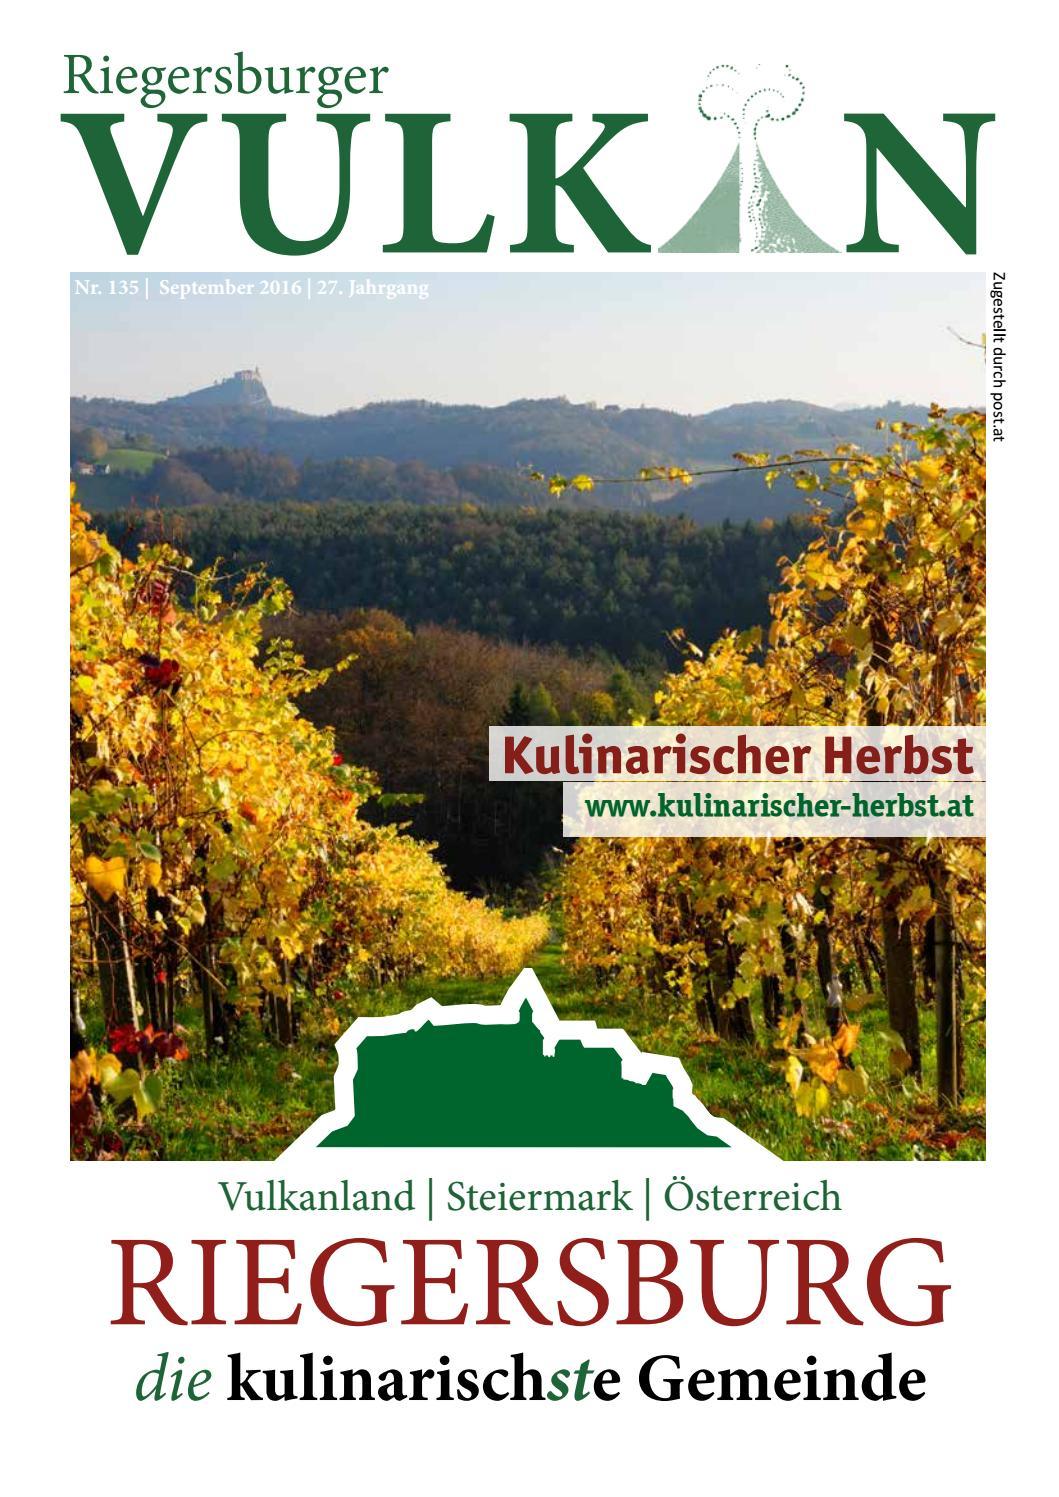 Gaumenfreuden-Tour (Genussradel-Tour) | Steiermark Urlaub